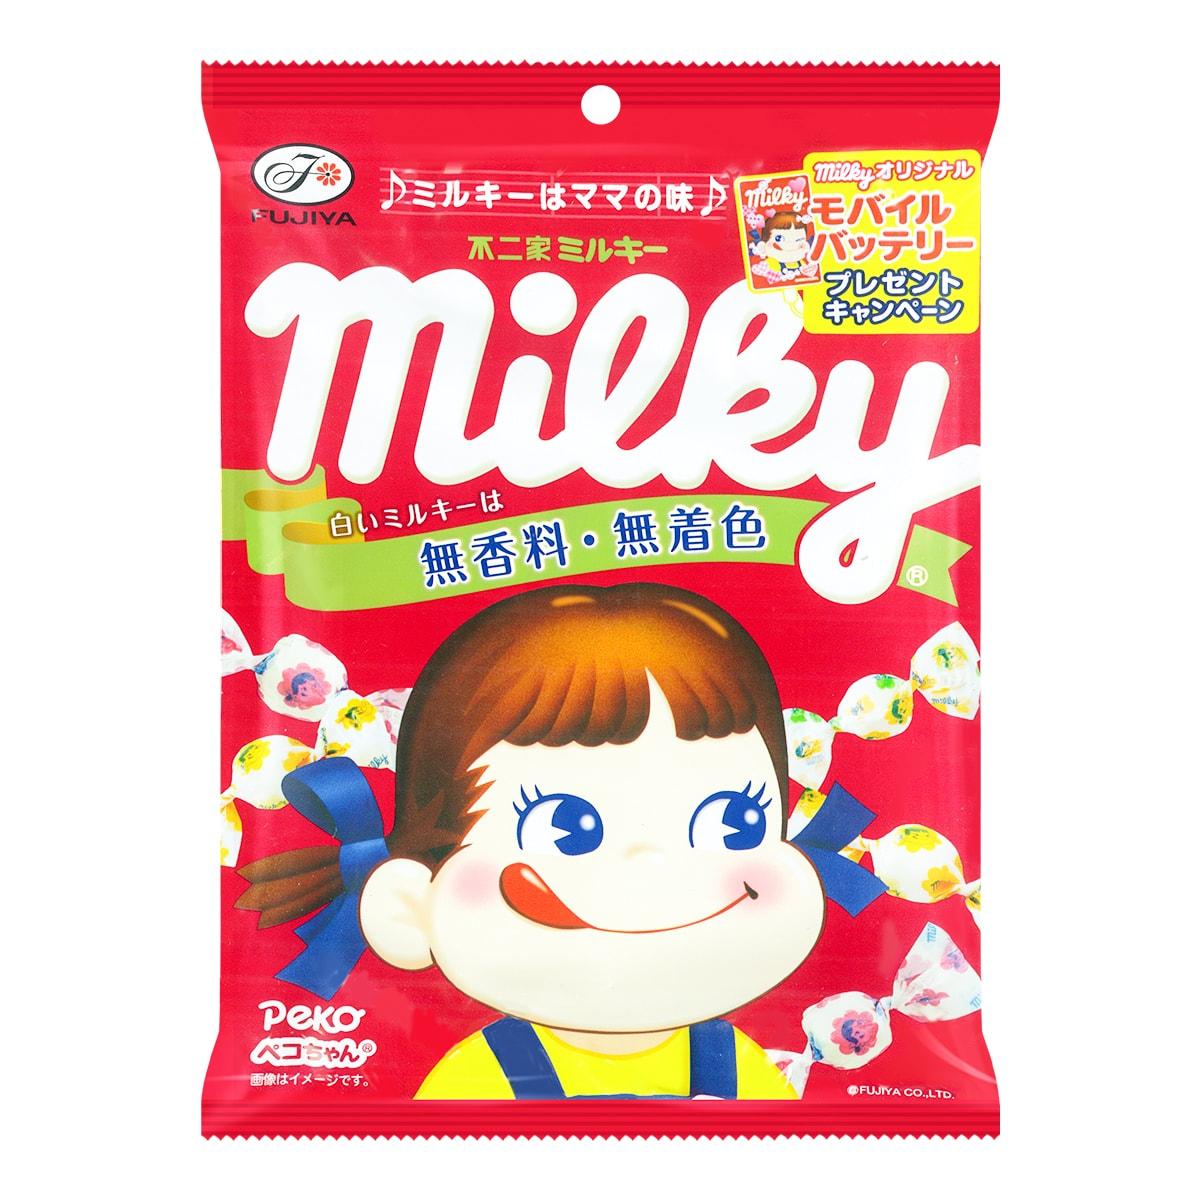 日本FUJIYA不二家 北海道香浓牛奶糖 120g